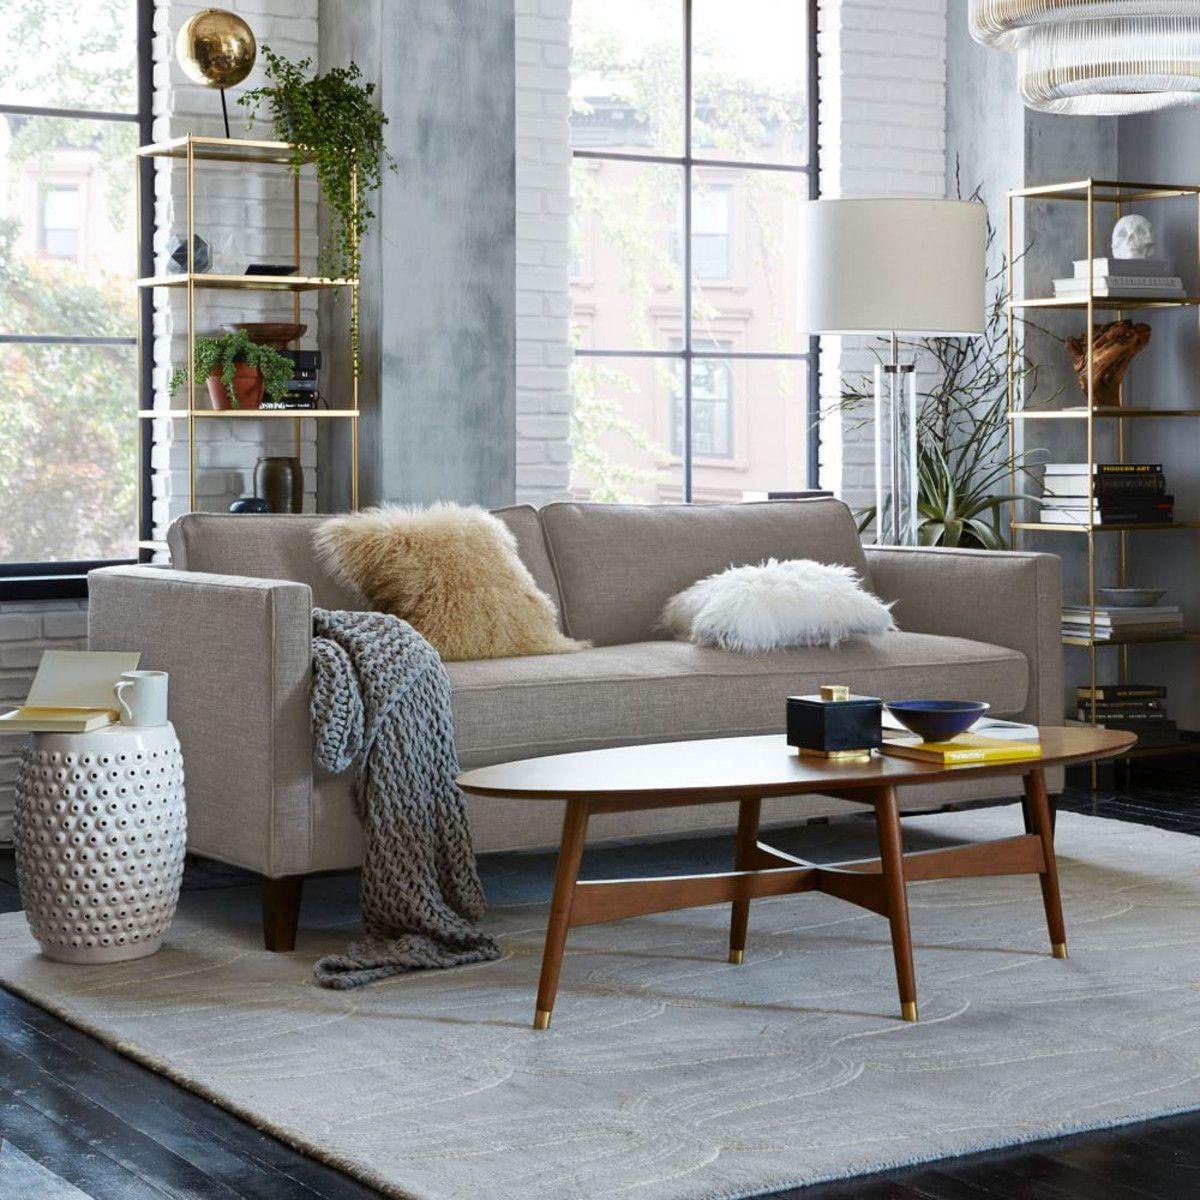 west elm dunham sofa reviews vine retro sectional digitalstudiosweb com review www looksisquare